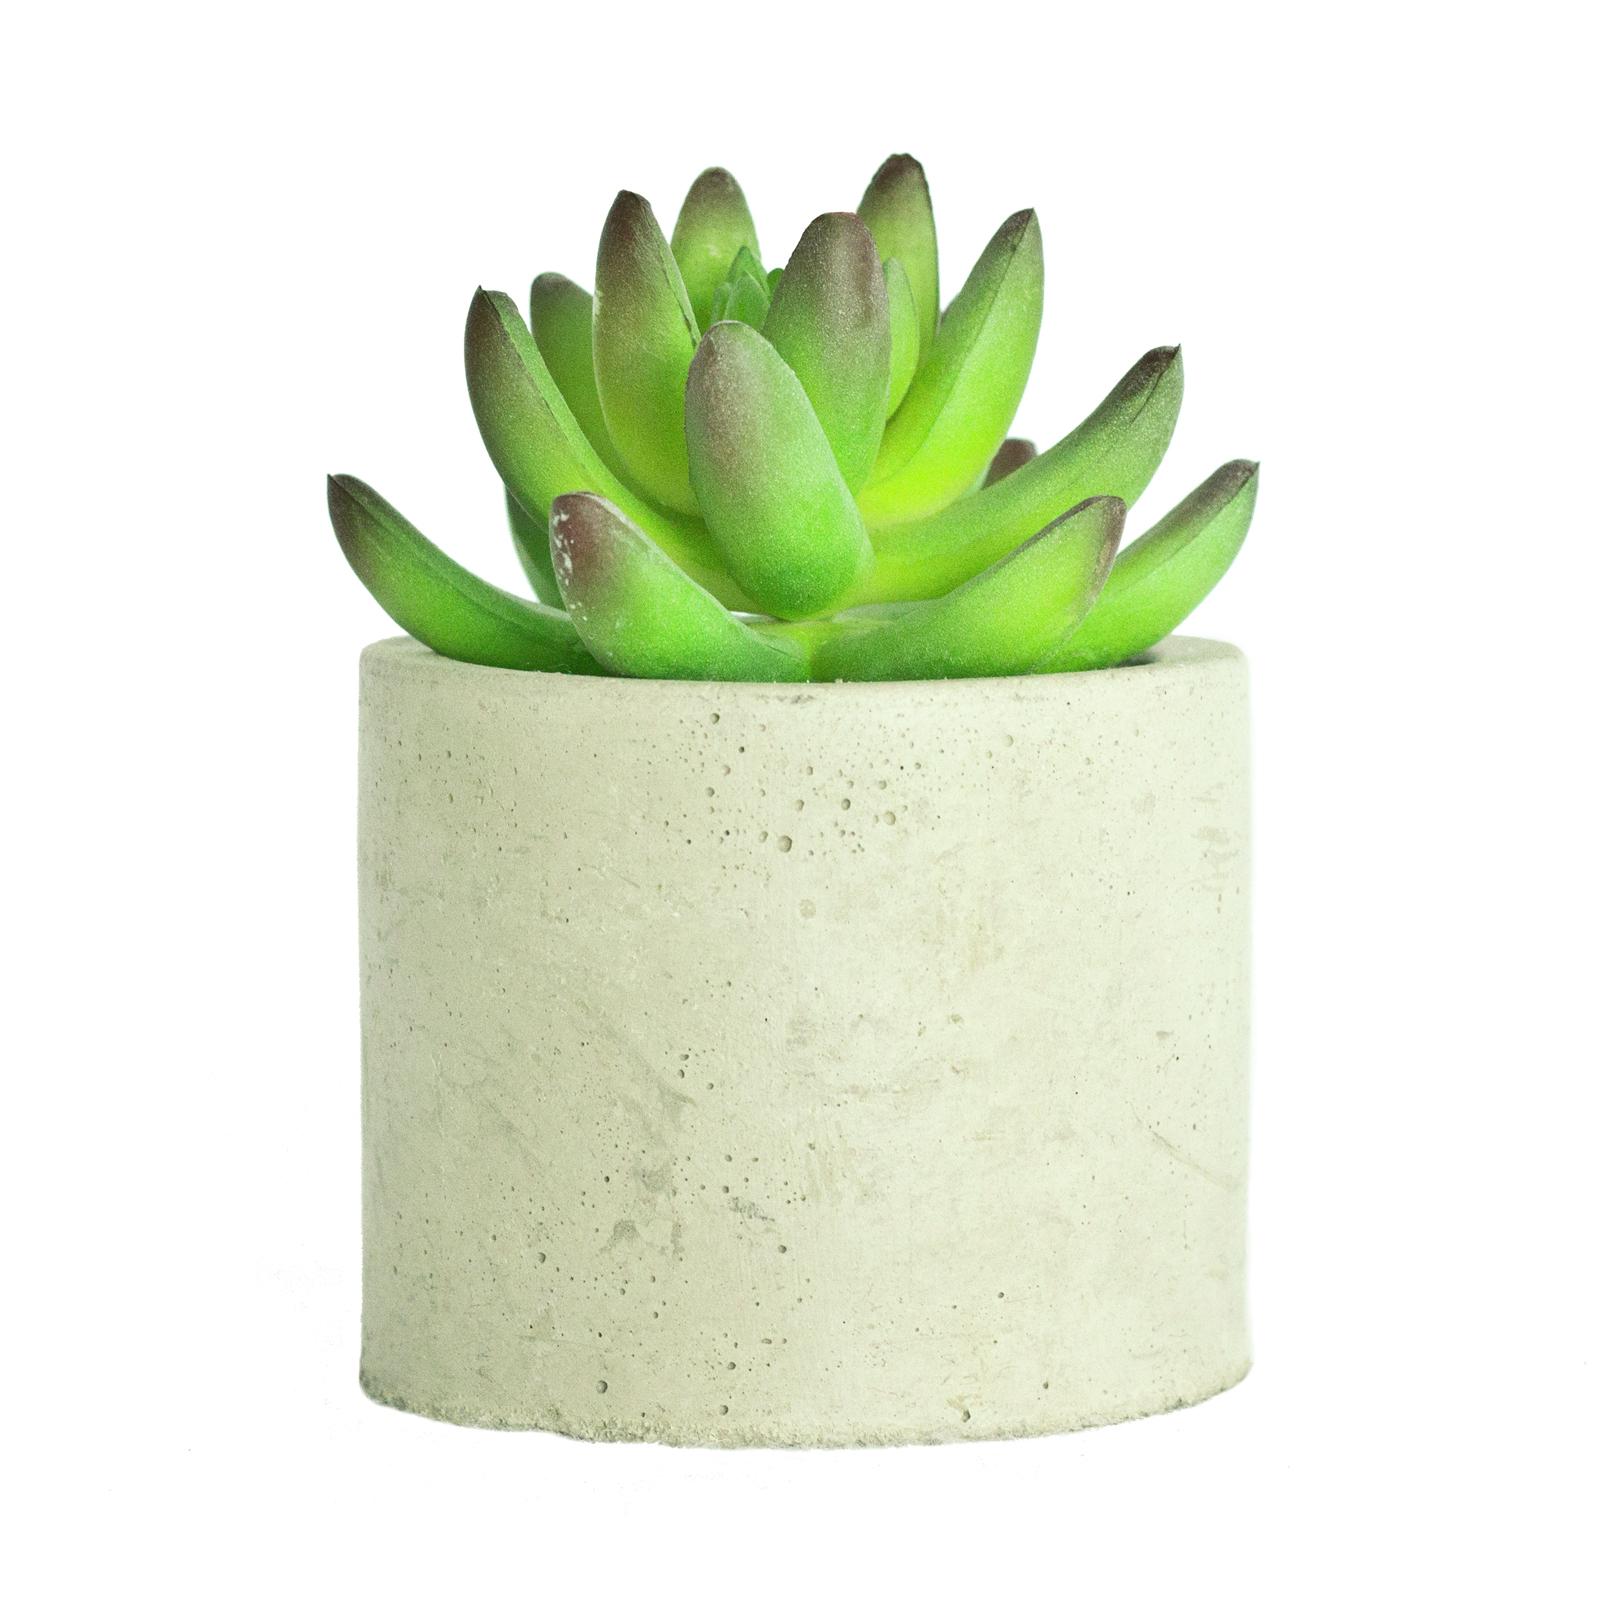 UN-REAL 13cm Artificial Succulent In Concrete Pot